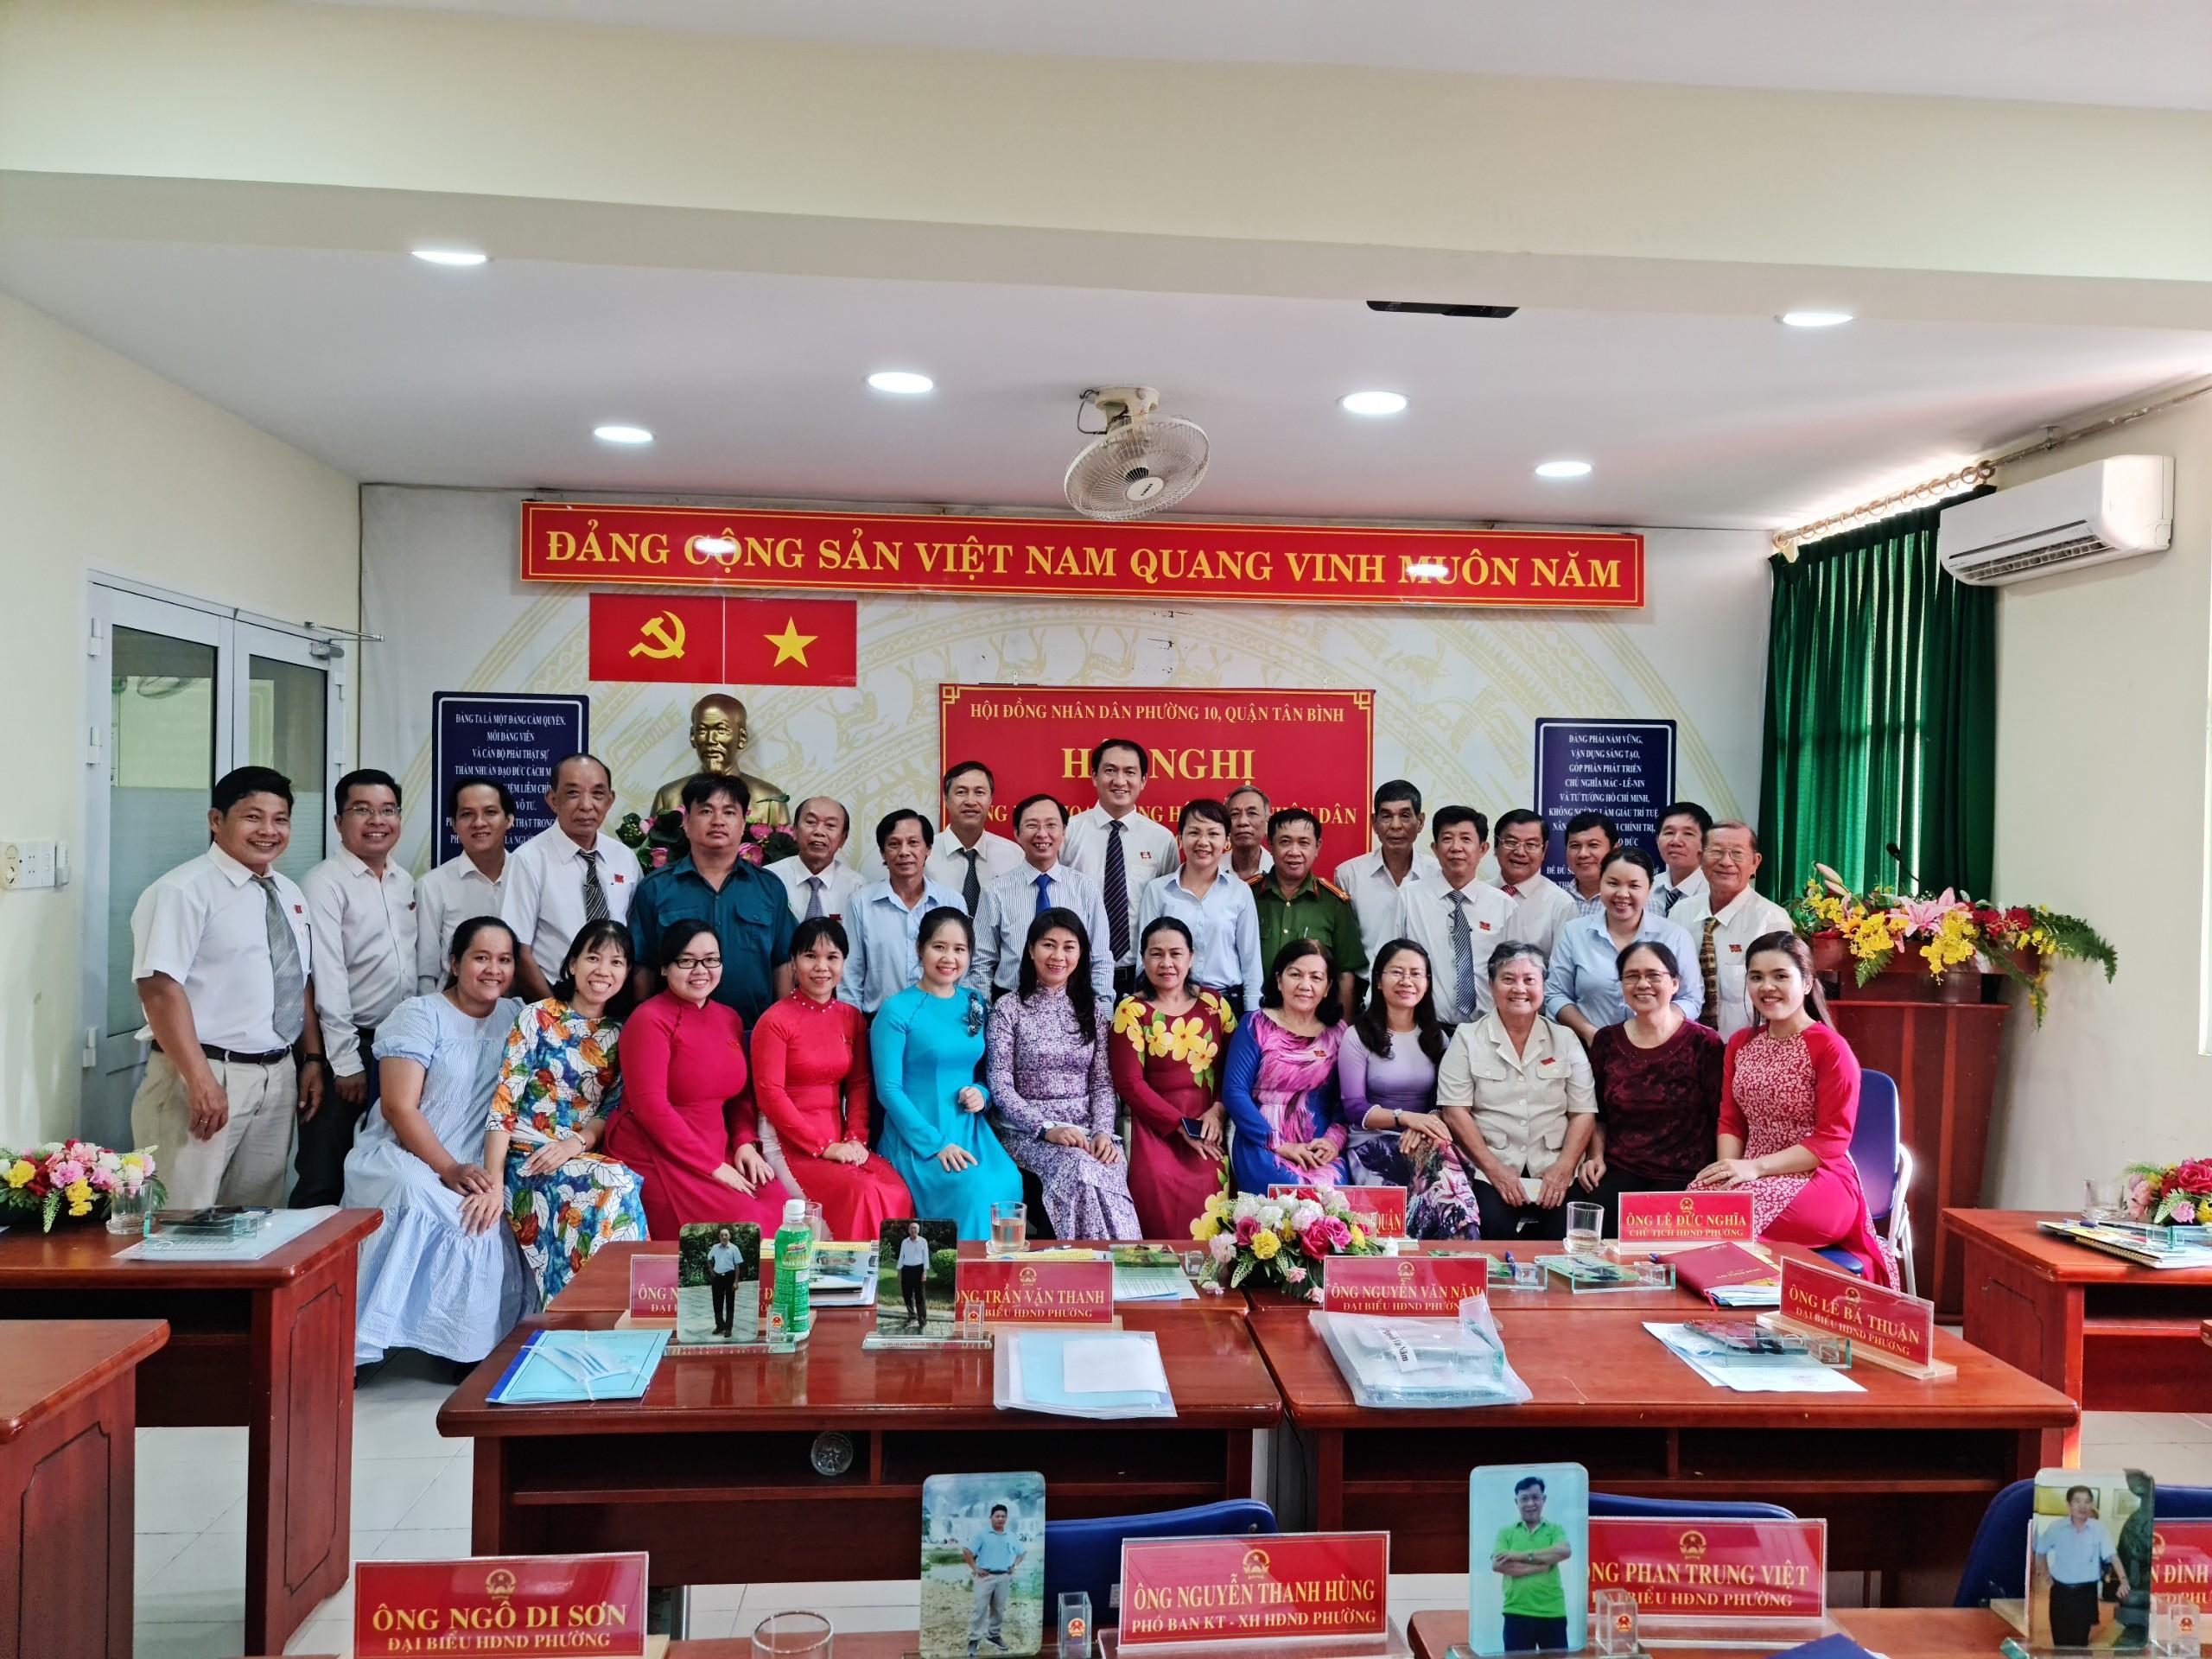 Tổng kết hoạt động của Hội đồng nhân dân Phường 10, nhiệm kỳ 2016 – 2021